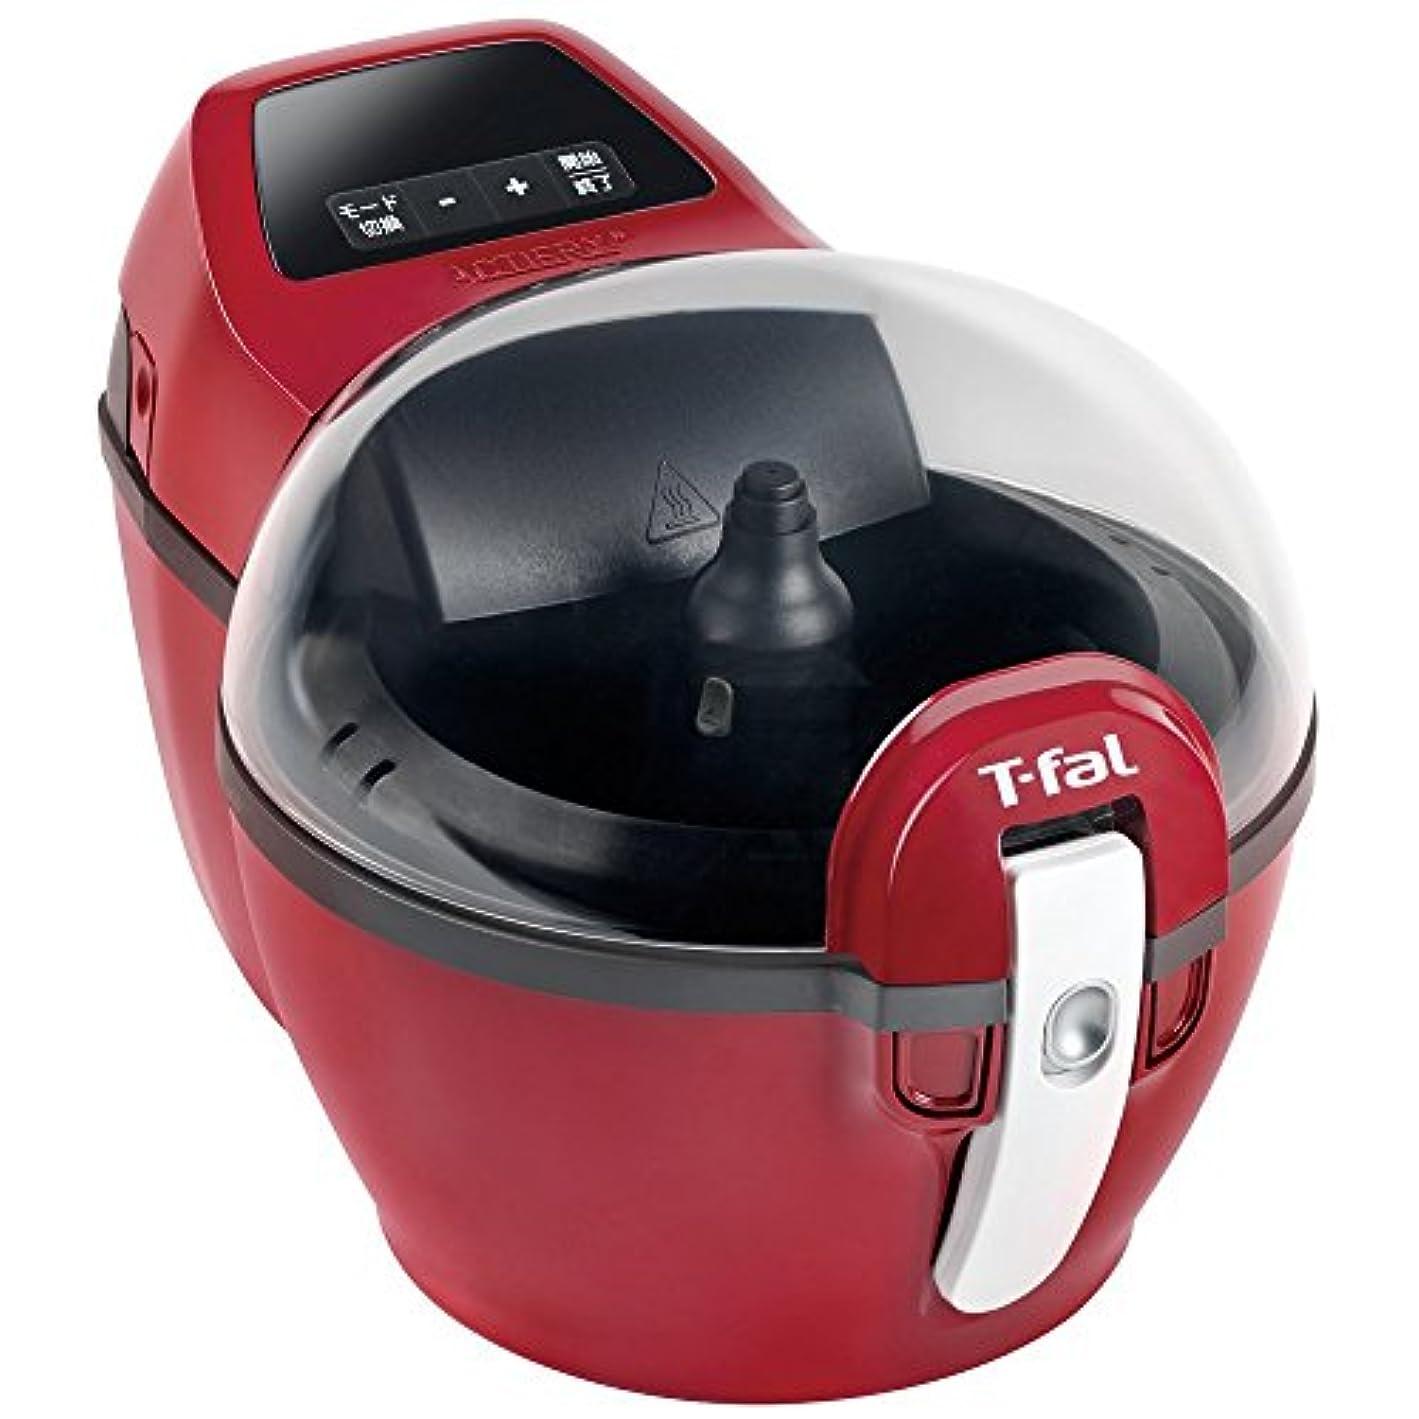 演じるあいさつ将来のティファール 電気フライヤー アクティフライ  揚げ物 炒め物 煮込み レッド 調理家電 FZ205588